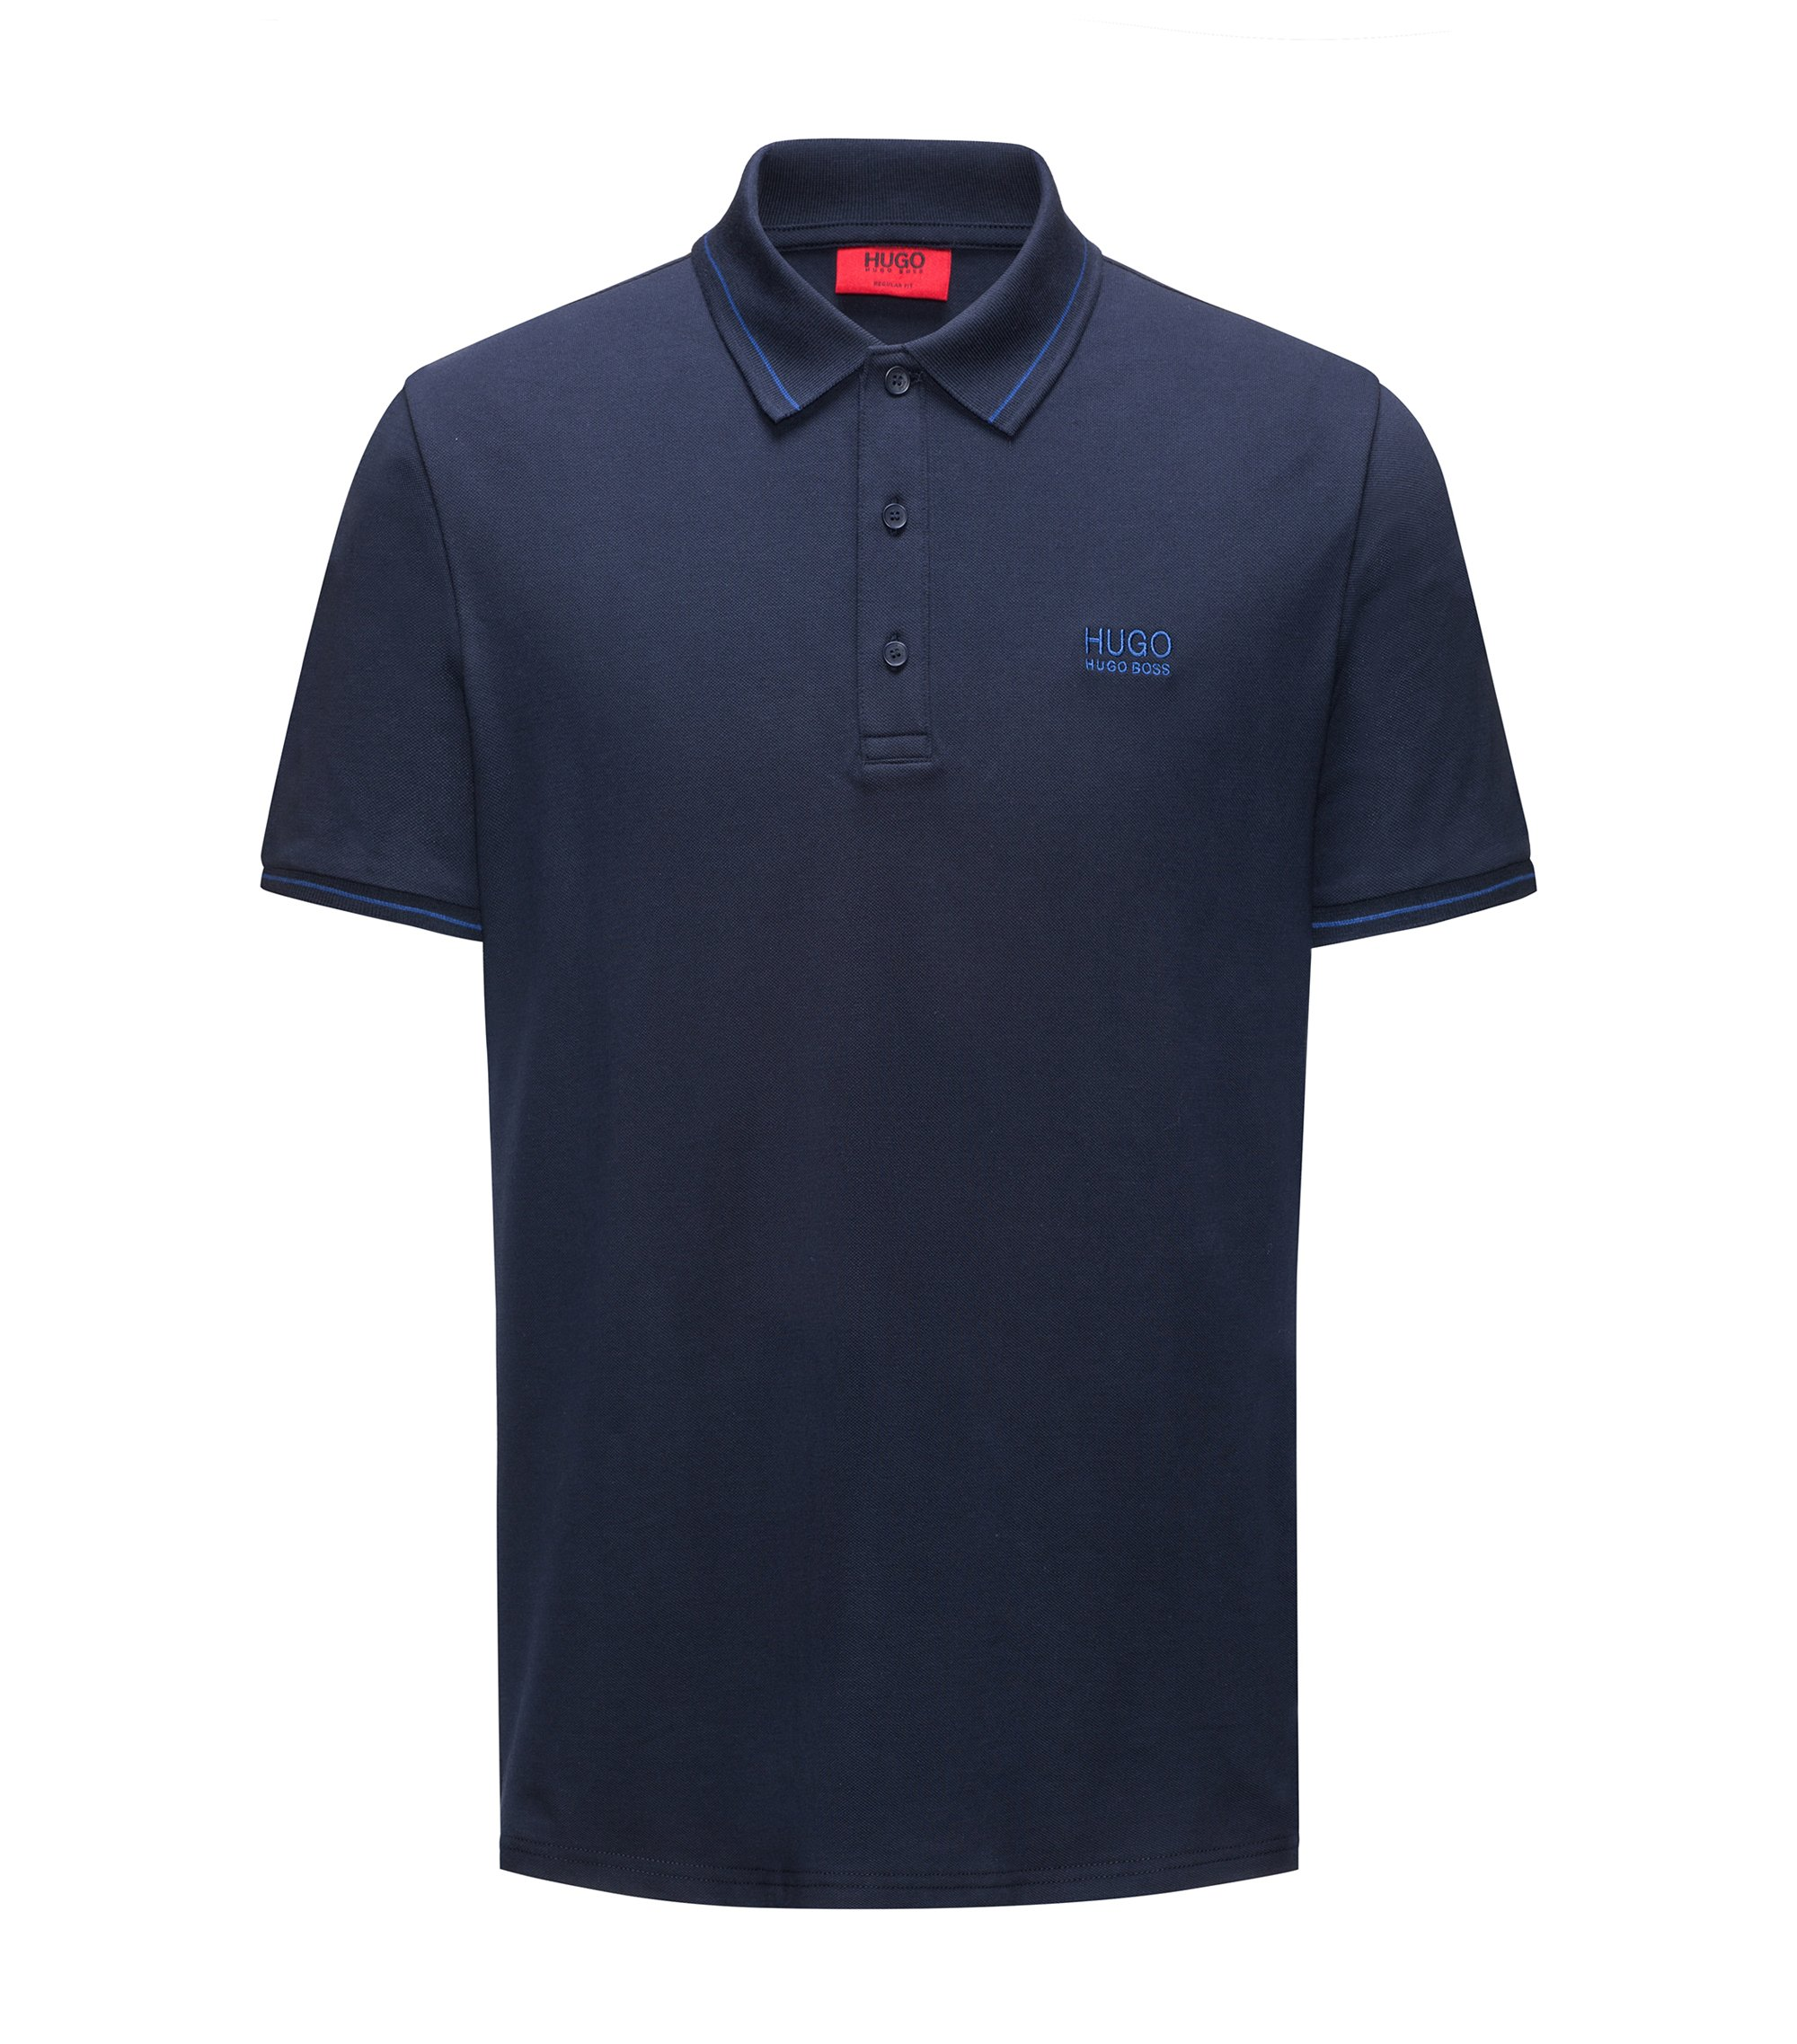 Regular-Fit Poloshirt aus Baumwolle mit Kontrast-Streifen, Dunkelblau